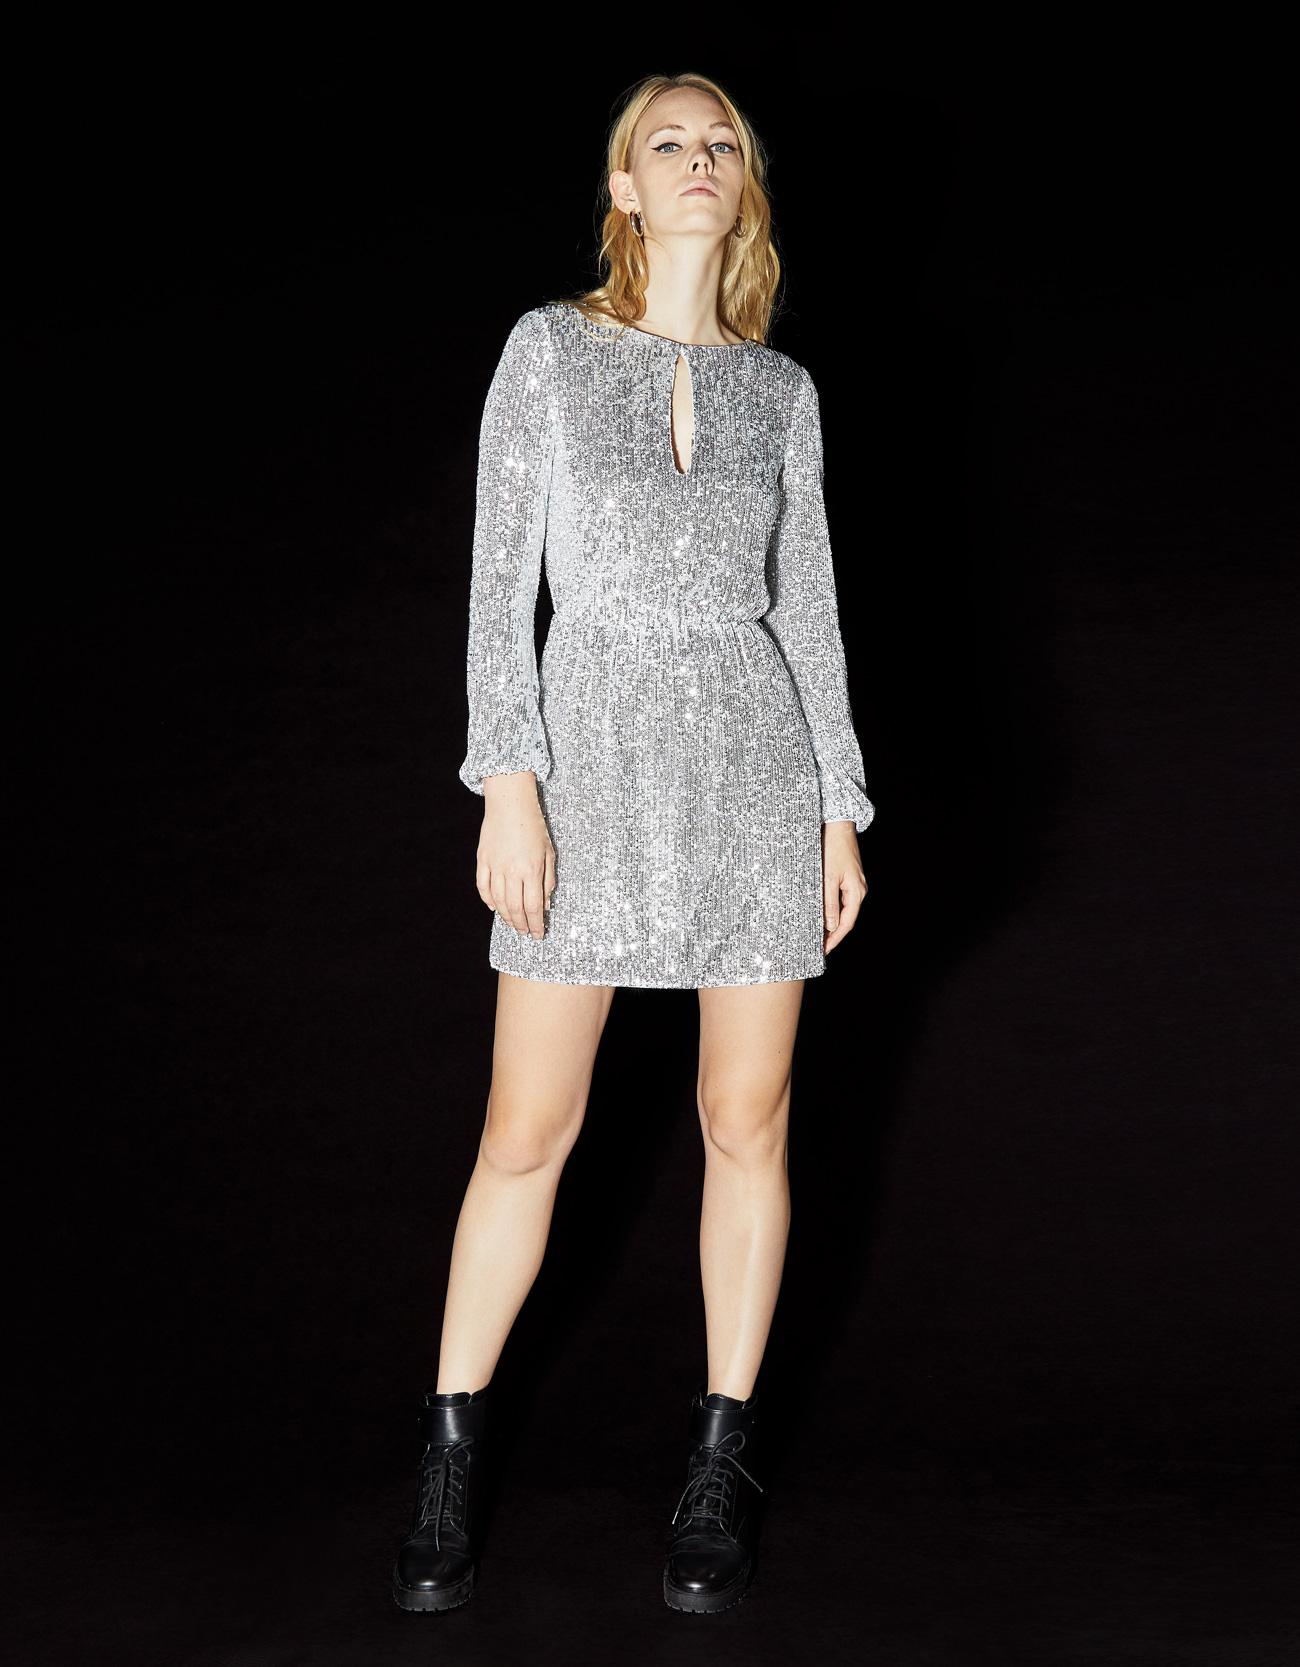 Vestito glitter argento Bershka a 45,99 euro